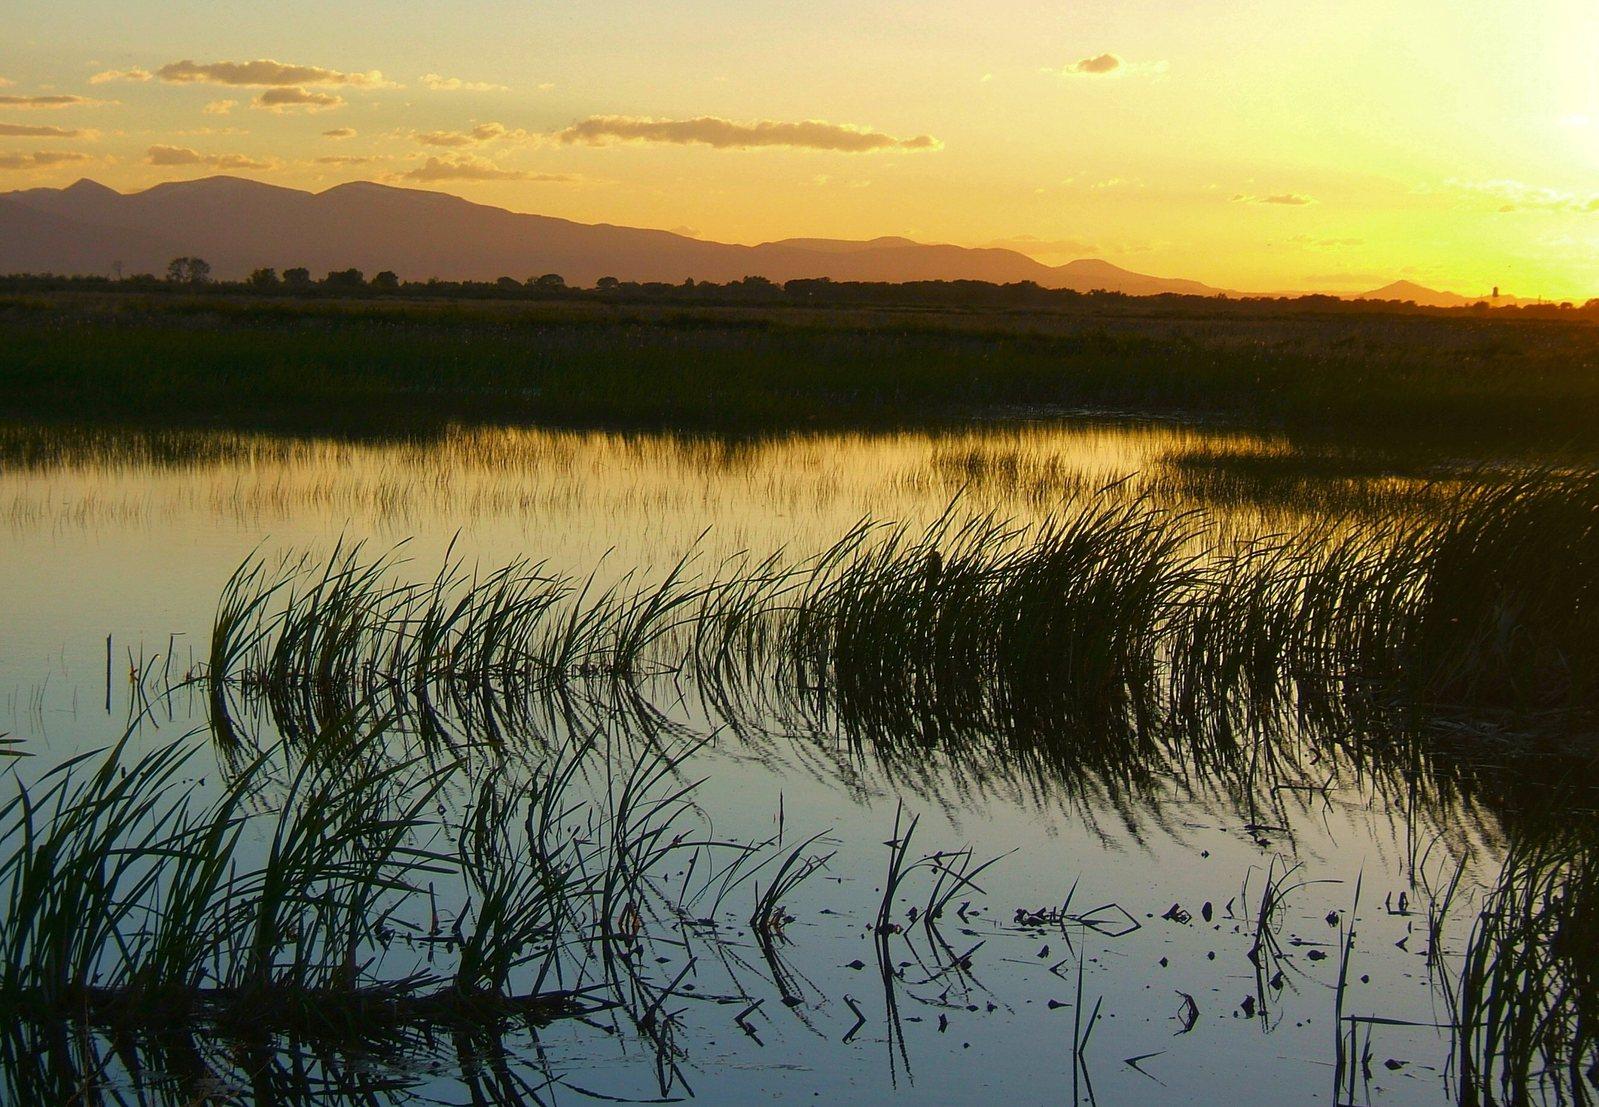 столько картинки водно-болотных угодий может разбираюсь